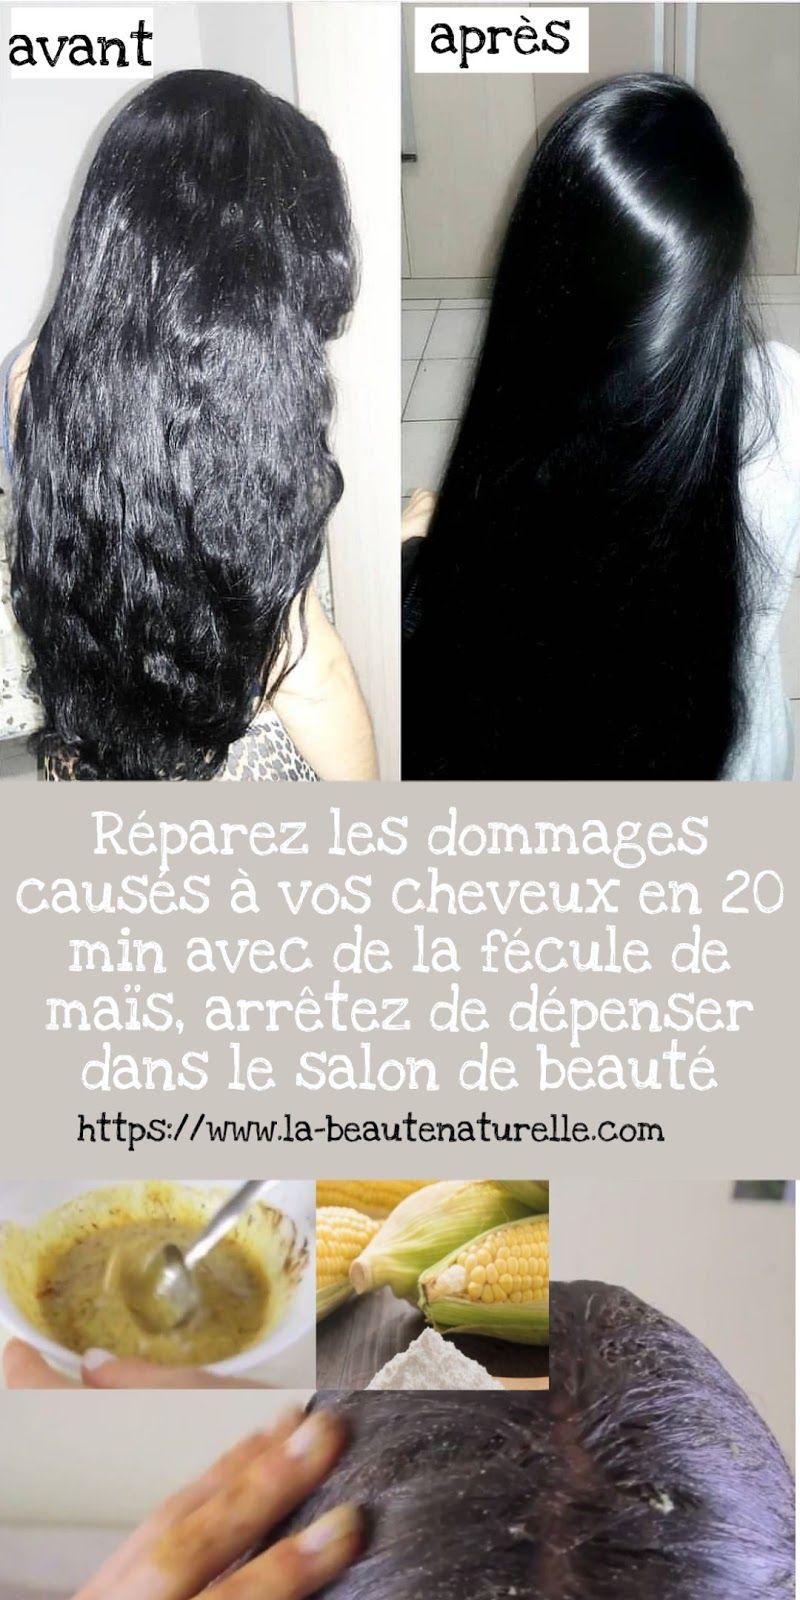 Au Début De Cette Année J Ai Eu La Merveilleuse Idée De Teindre Mes Cheveux Le Ton Naturel De Mes Cheveux Medium Length Hair Styles Beauty Salon Your Hair